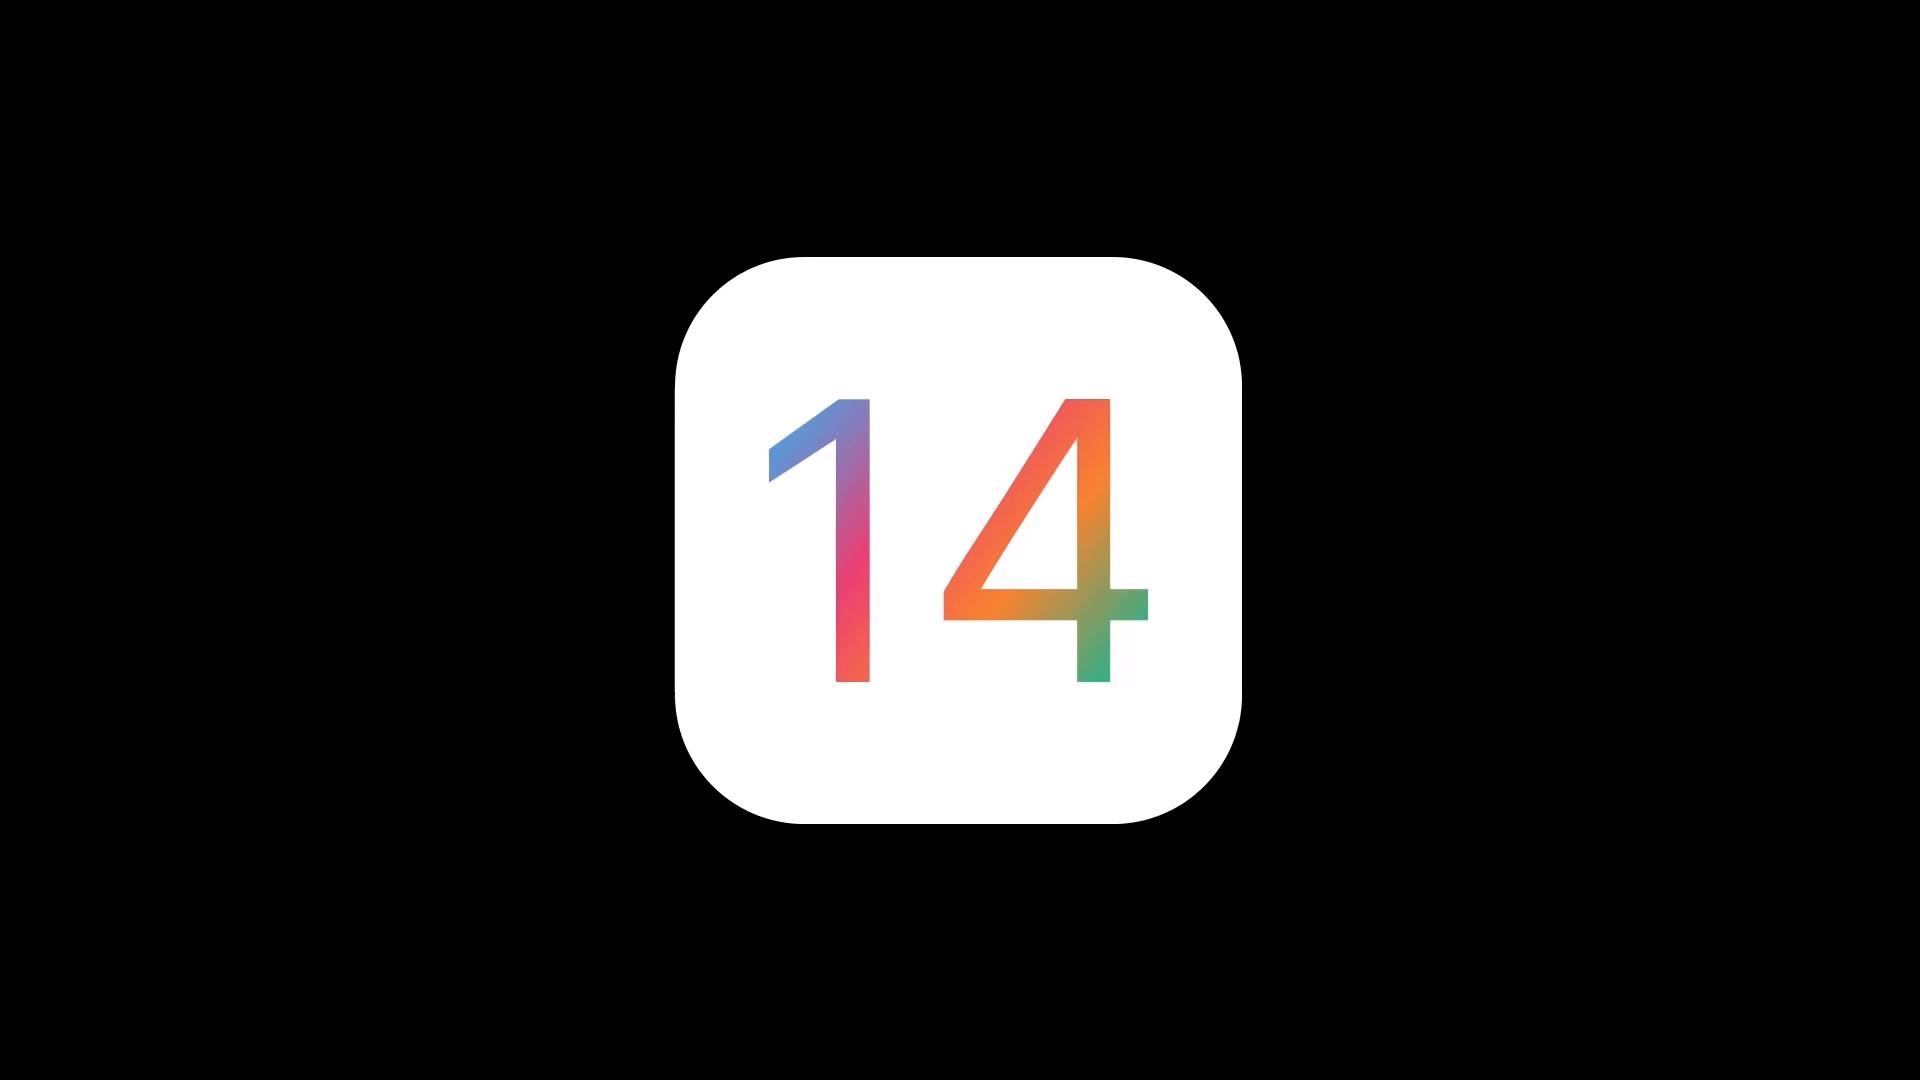 這樣的iOS 14 概念設計你喜歡嗎